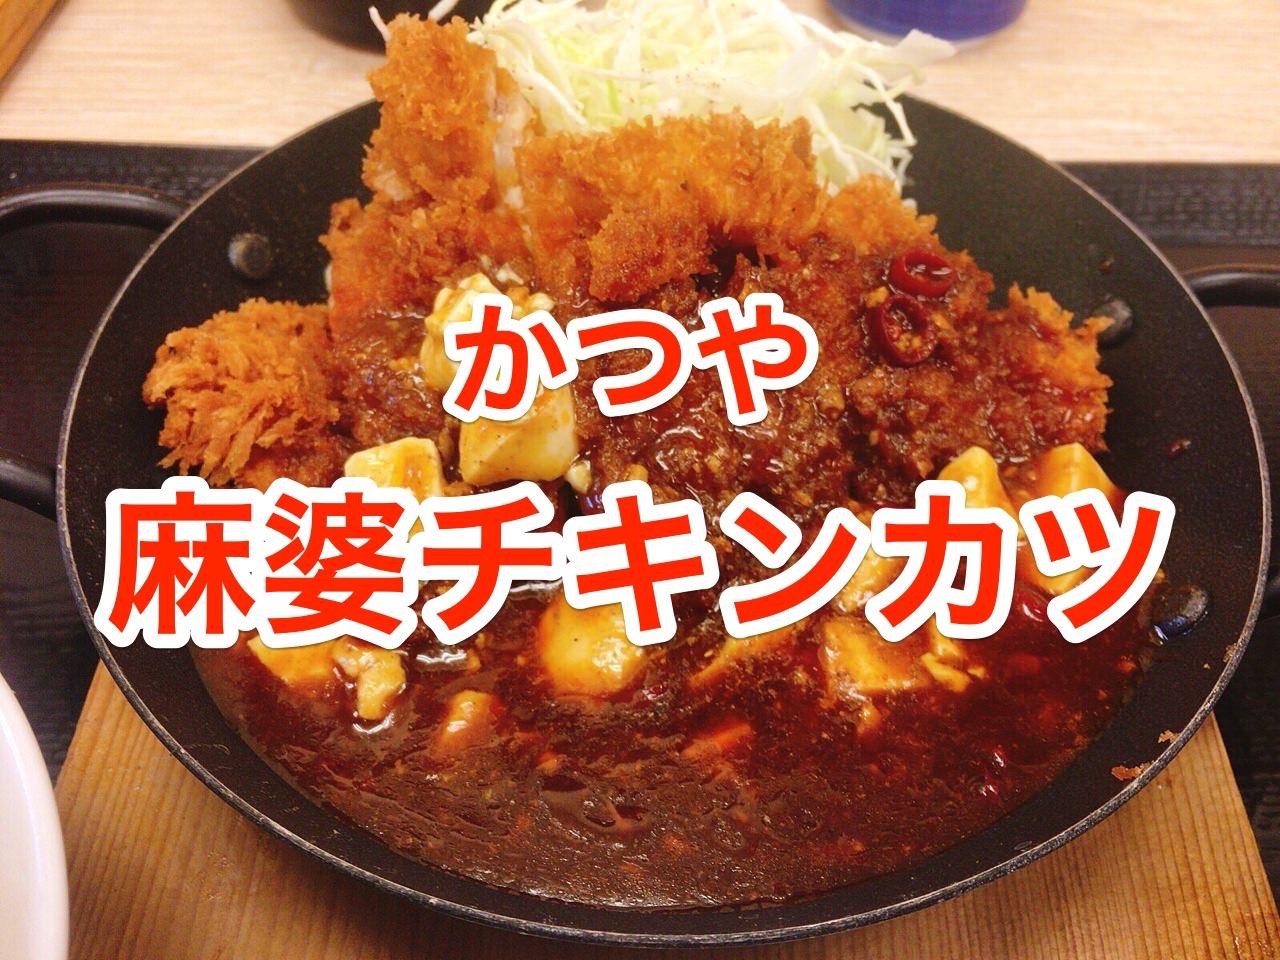 「麻婆チキンカツ定食・麻婆チキンカツ丼」